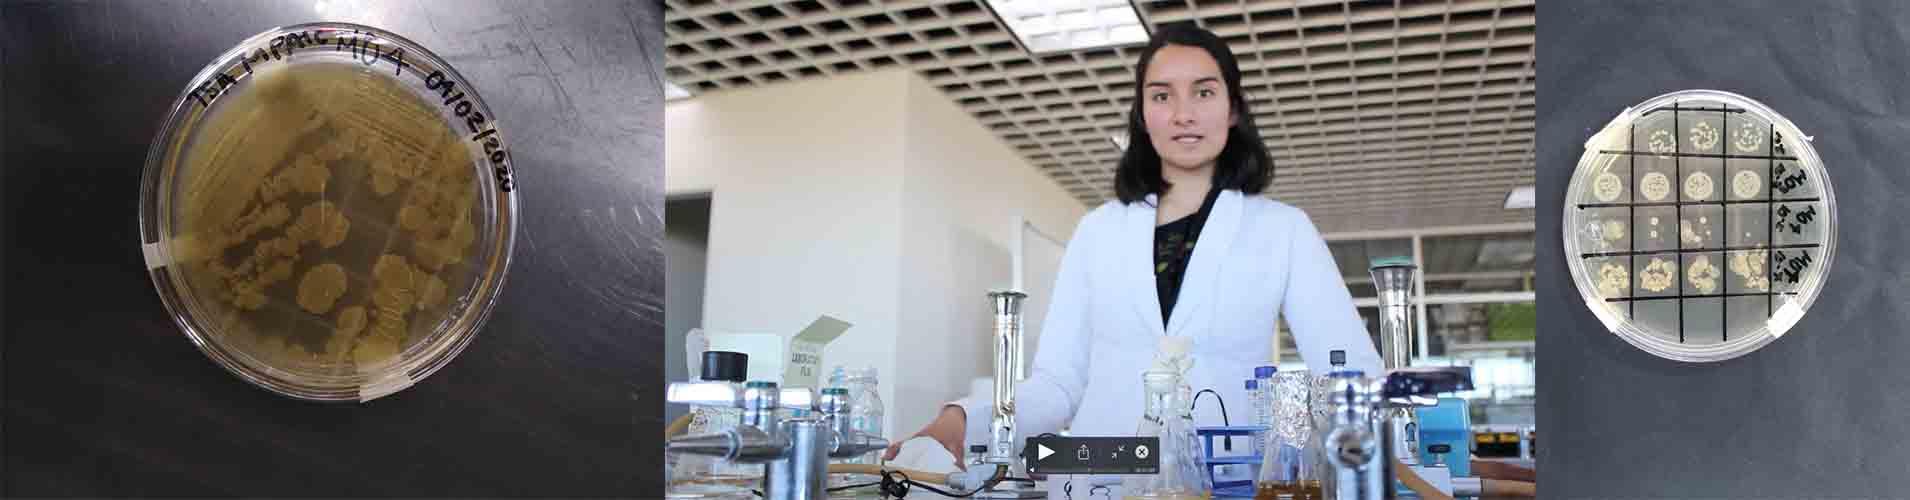 Alumna politécnica emplea microorganismos para remediación ambiental